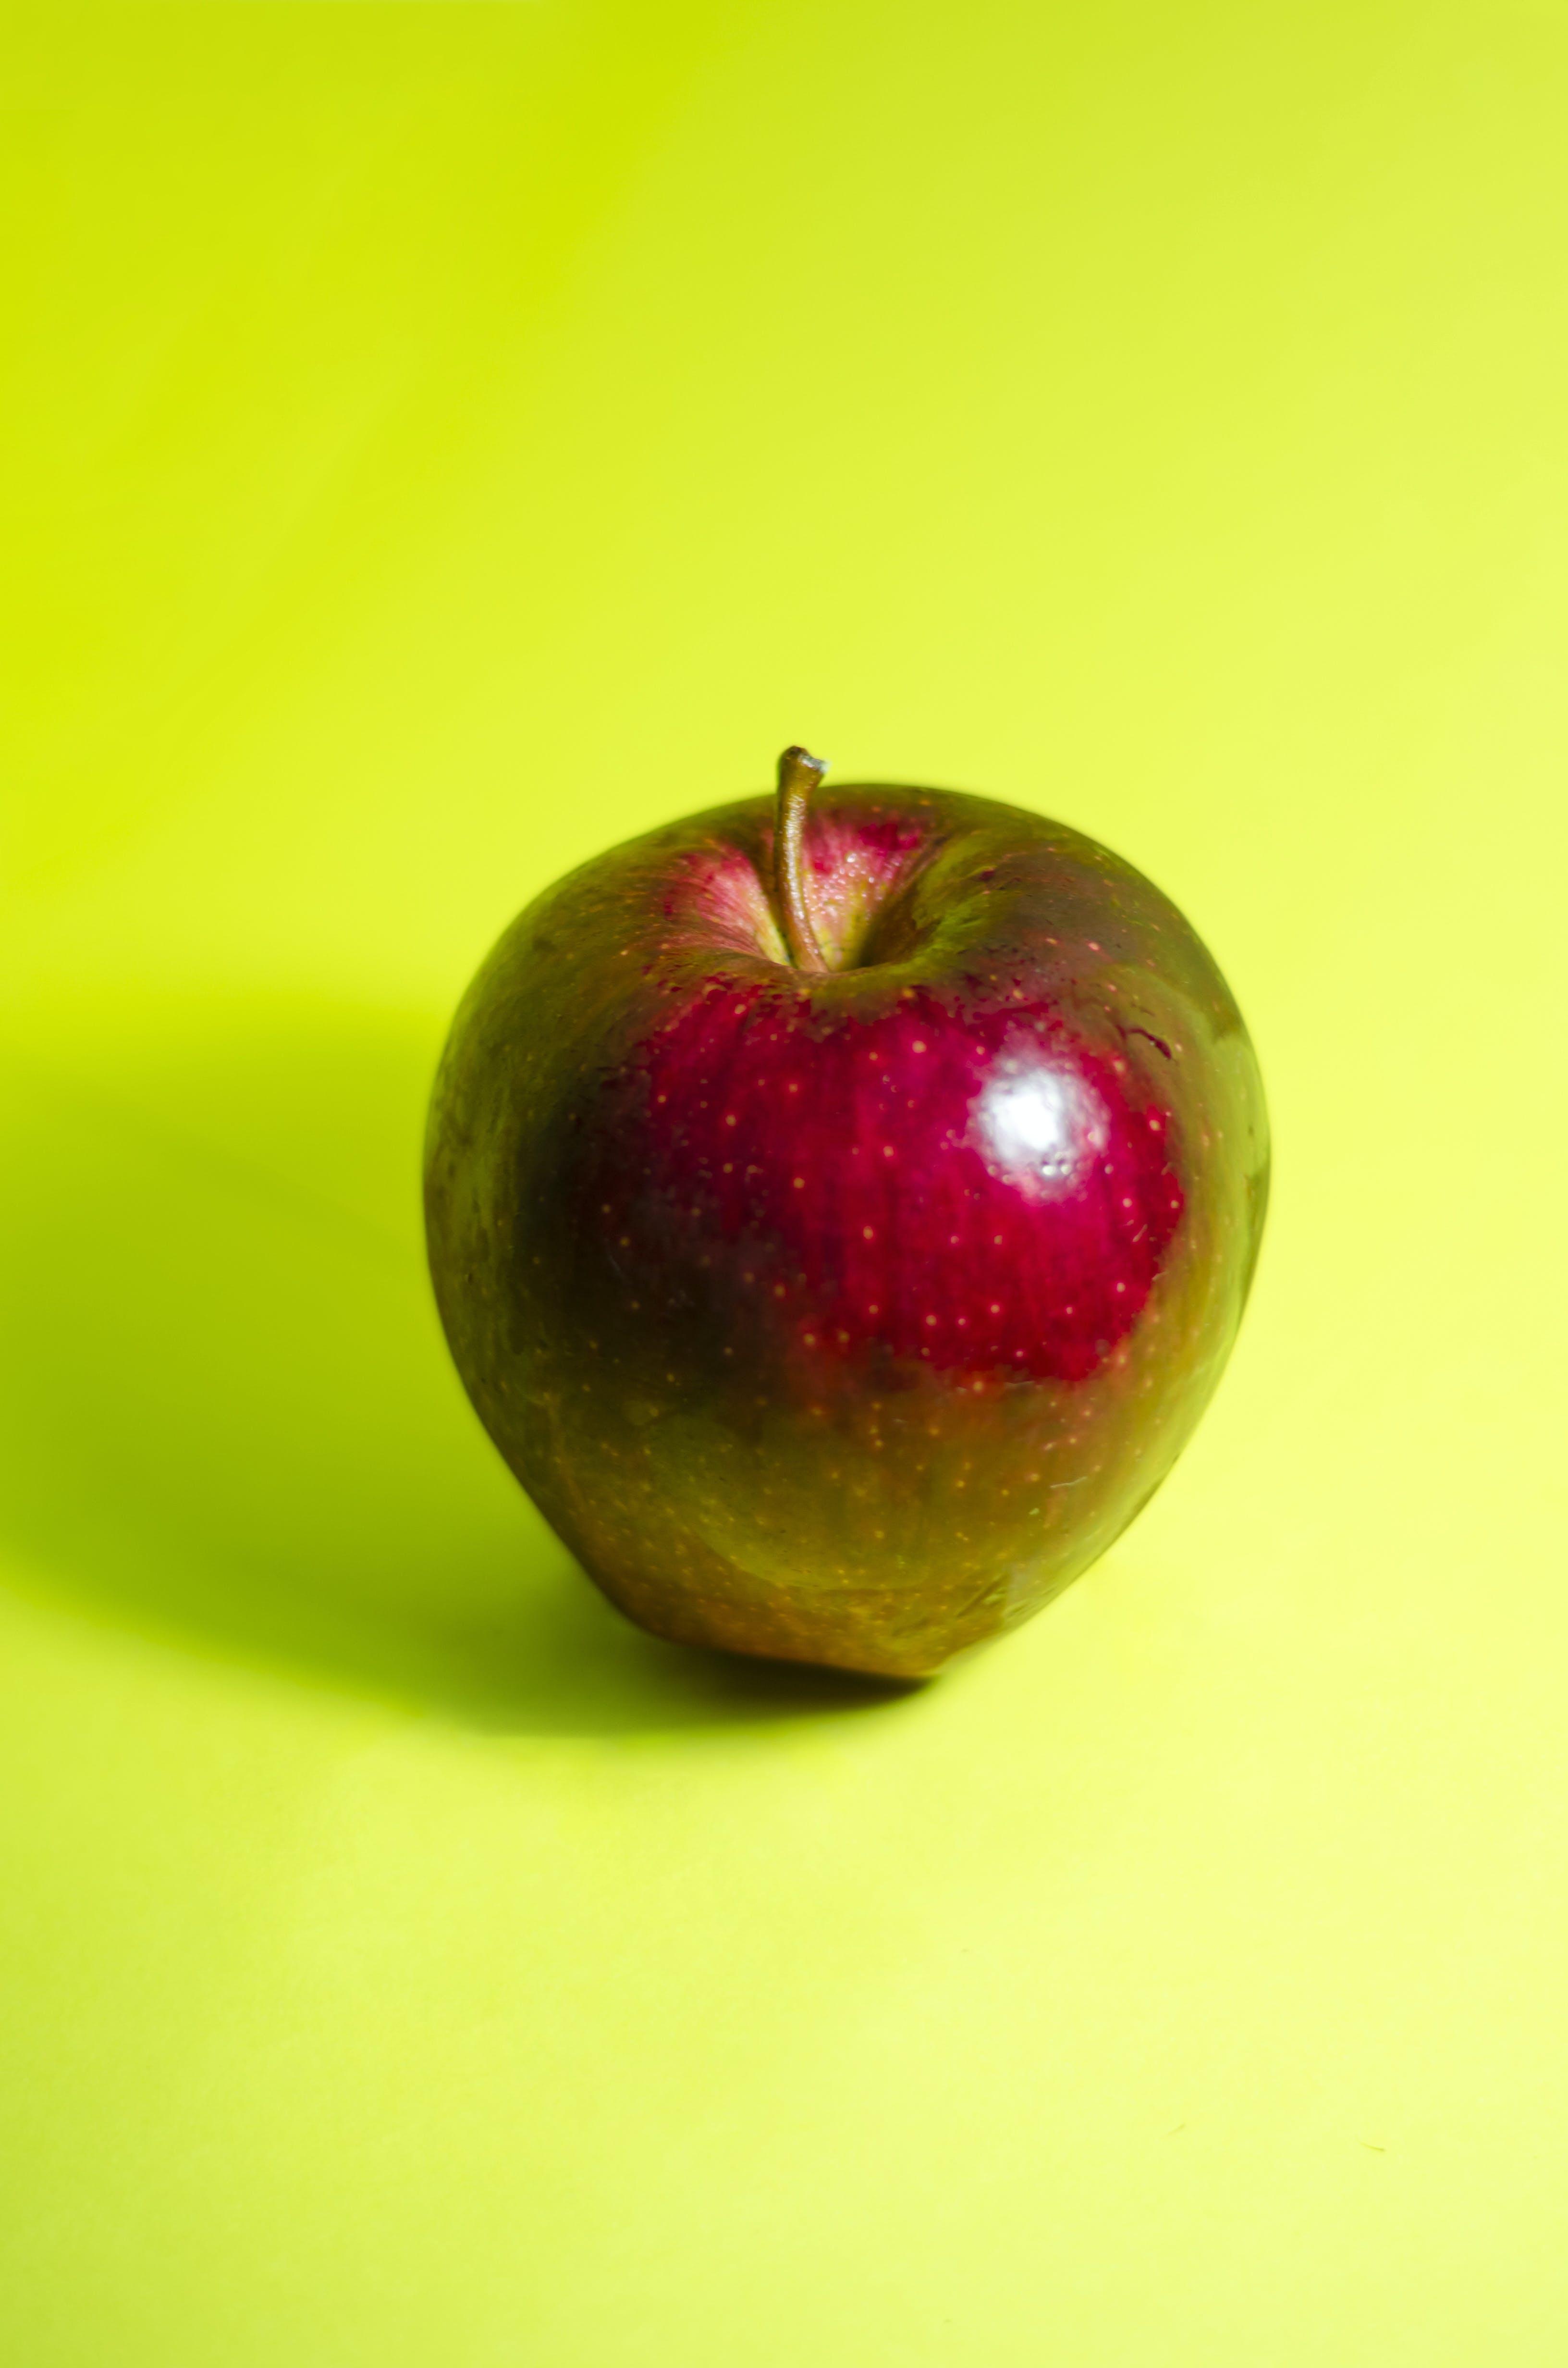 Gratis lagerfoto af Apple, bruno scramgnon fotografia, comida orgã ¢ nica, frisk